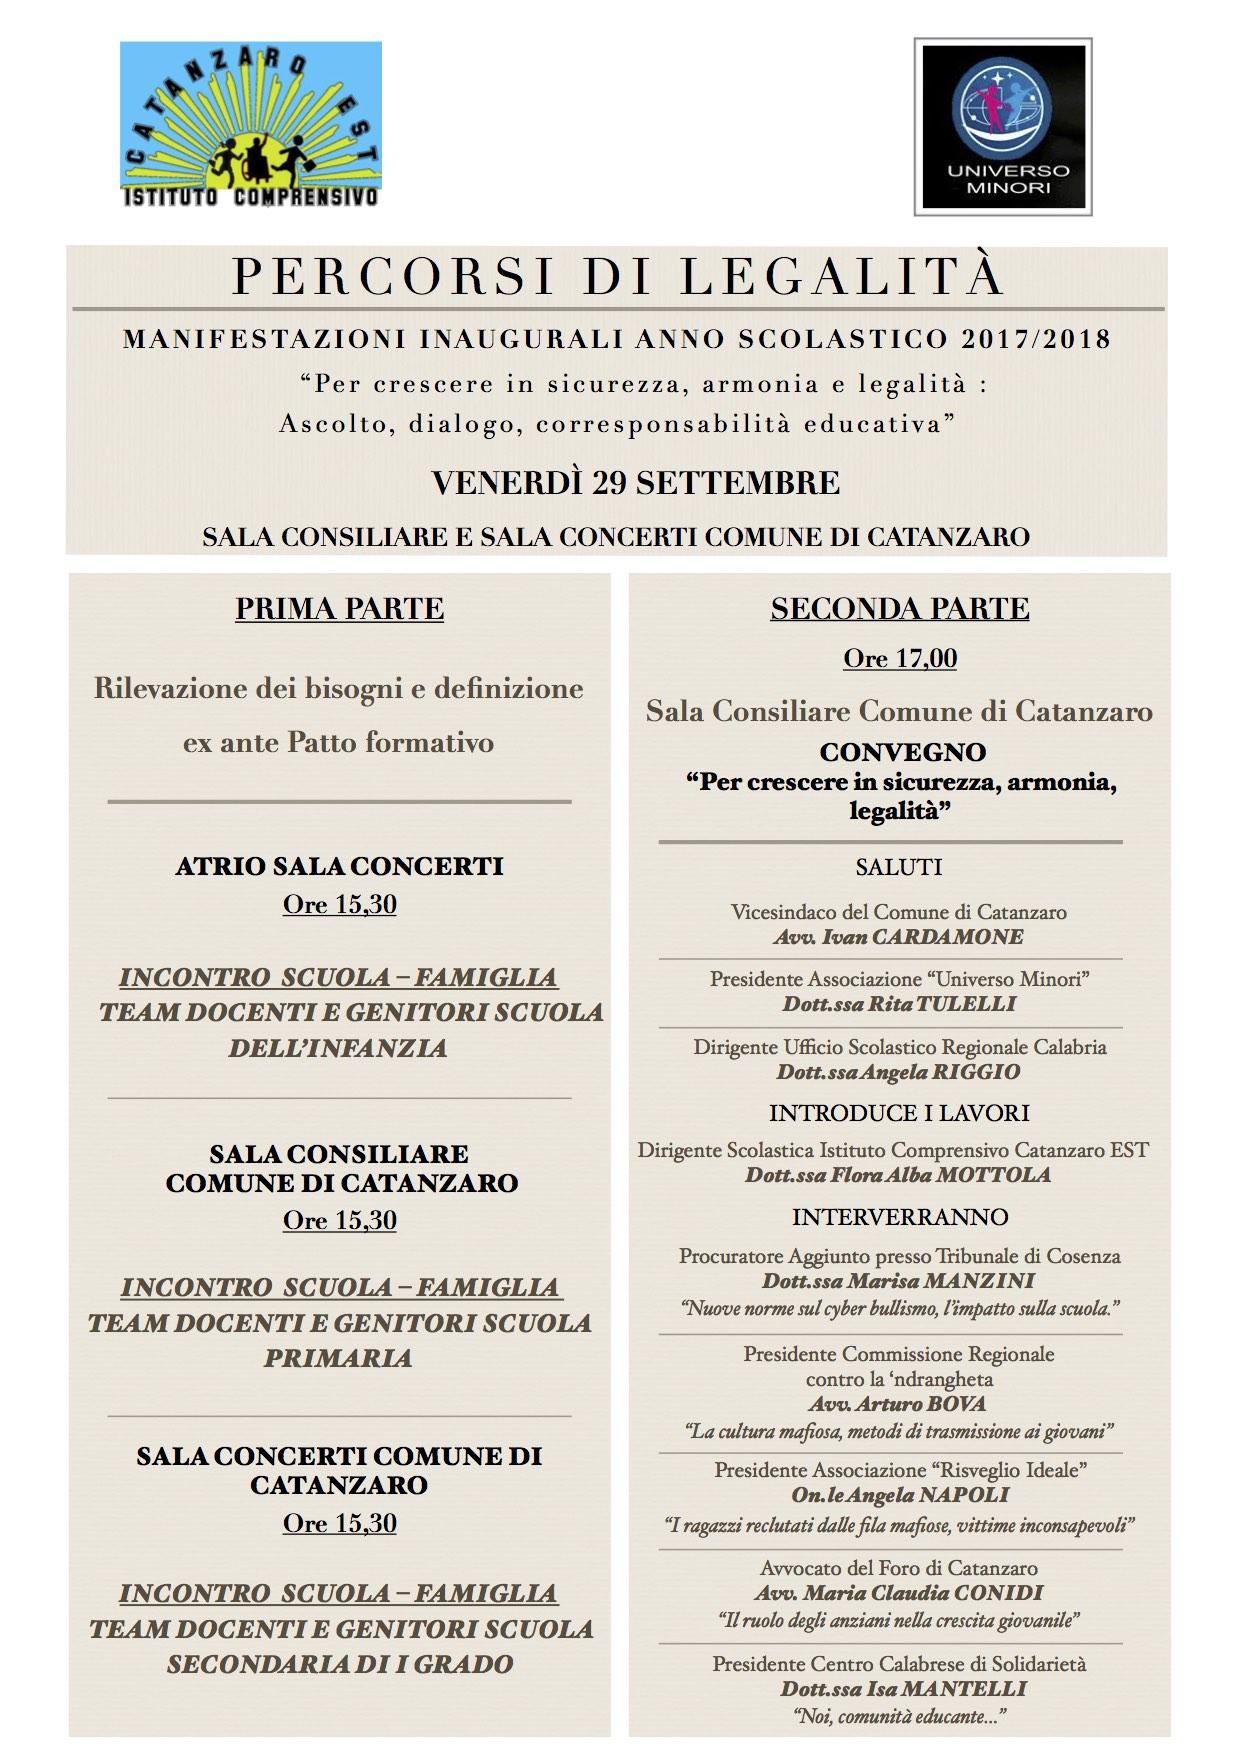 Locandina_29_09_2017.jpg